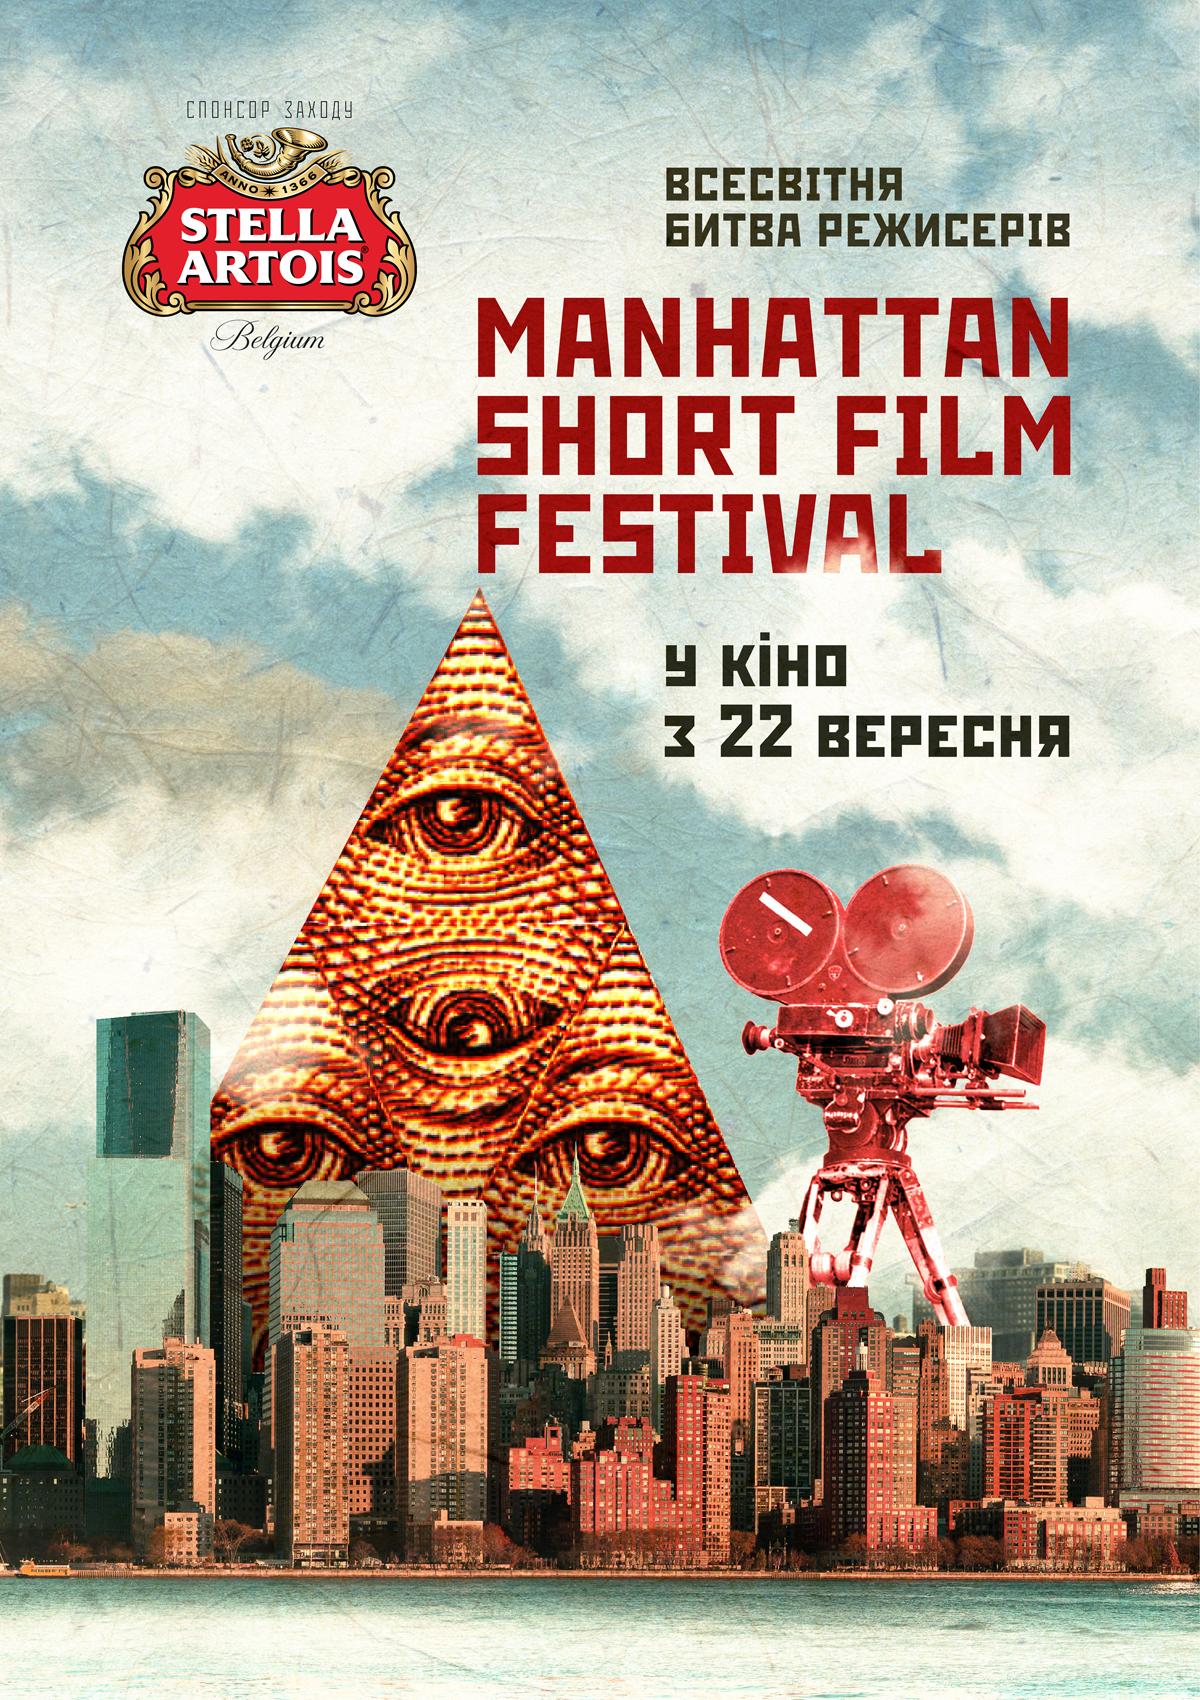 Манхэттенский фестиваль короткометражных фильмов 2016